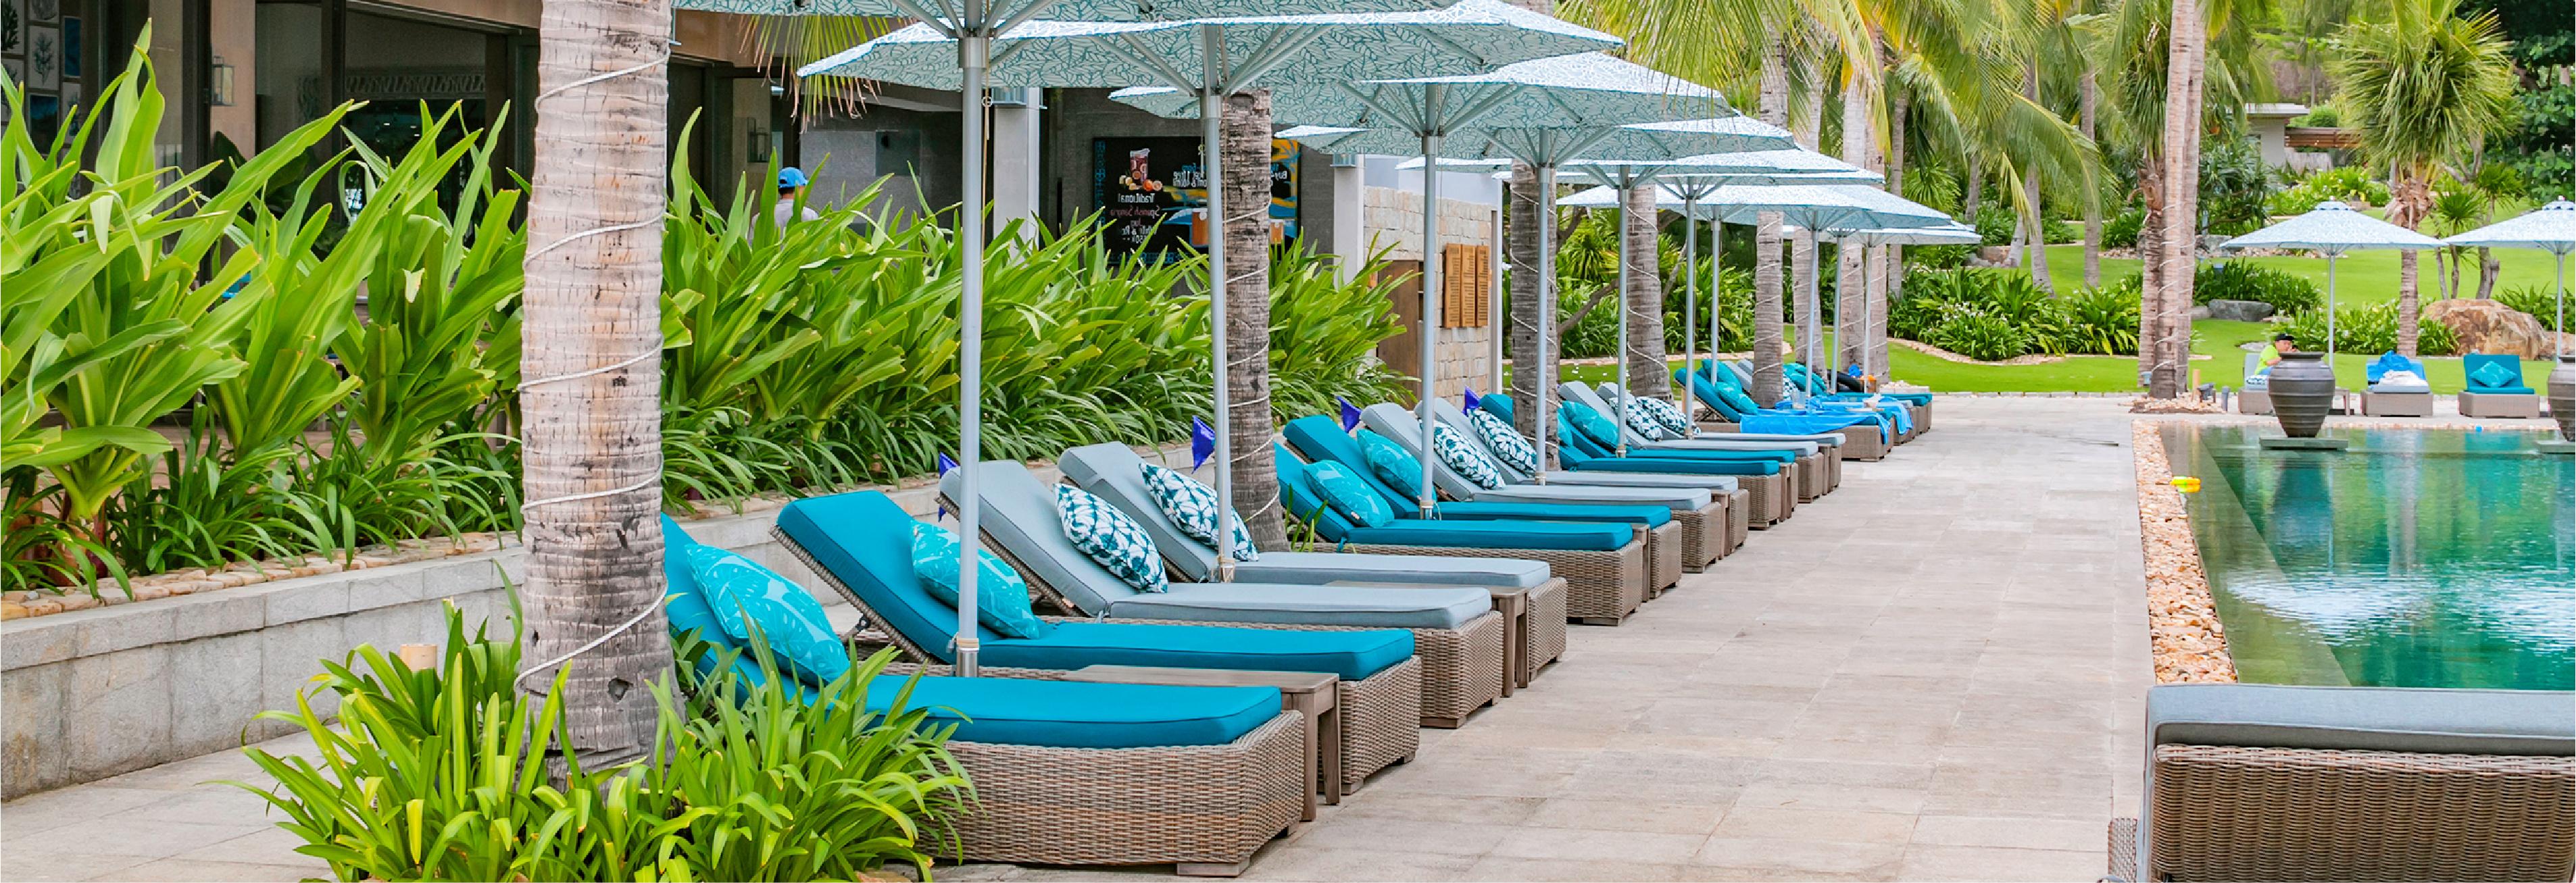 ATC Furniture cung cấp nội thất cho các dự án resort khách sạn